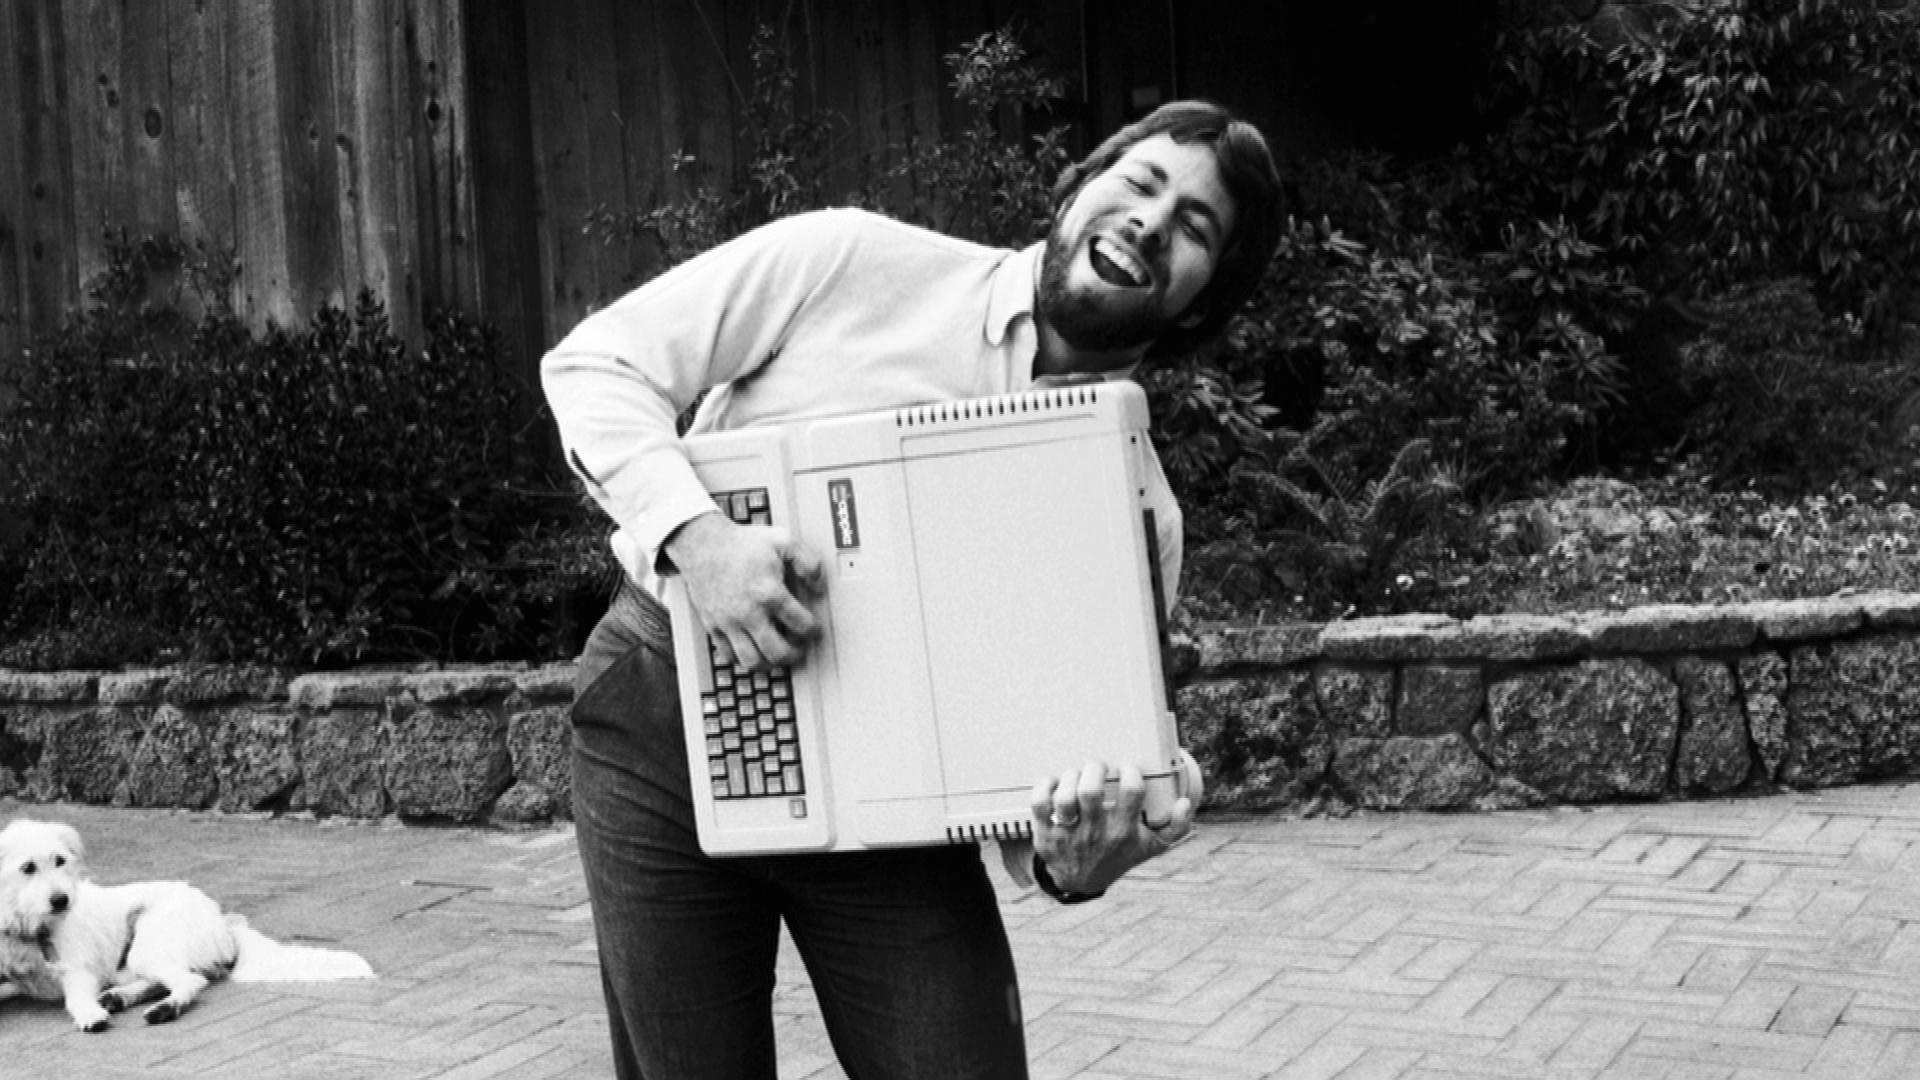 Зоря Apple. Мрії Стіва Возняка і взаємини з першими співробітниками. Уривок з книги «iWoz. Від комп'ютерного ґіка до культу»